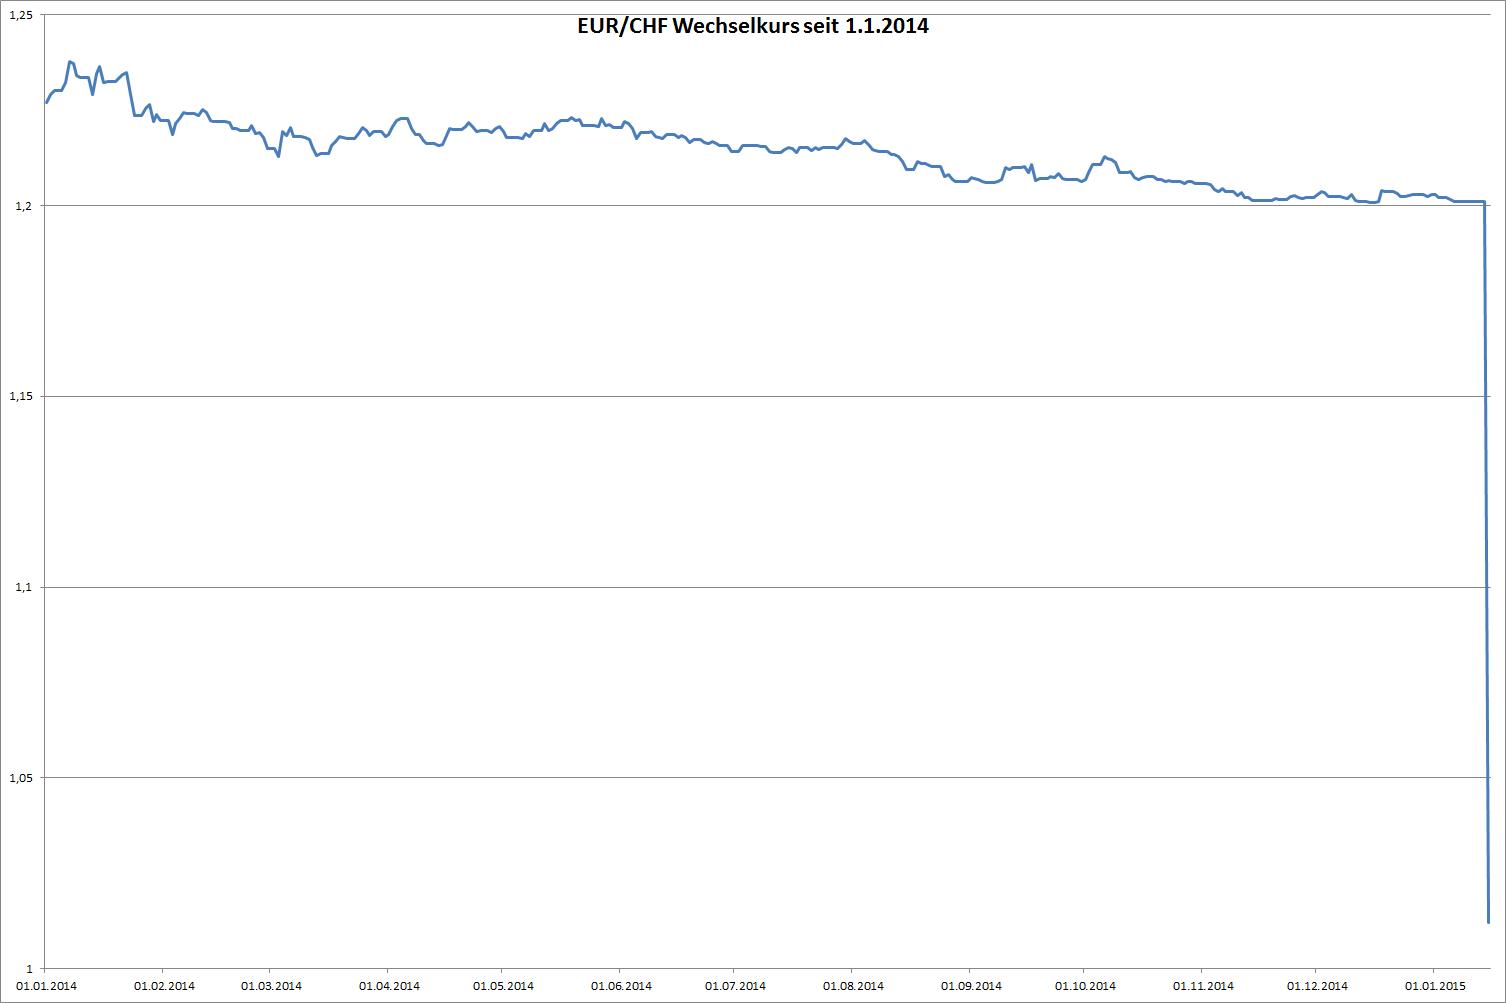 der Sturz in die Tiefe - EUR/CHF  seit 1.1.2014